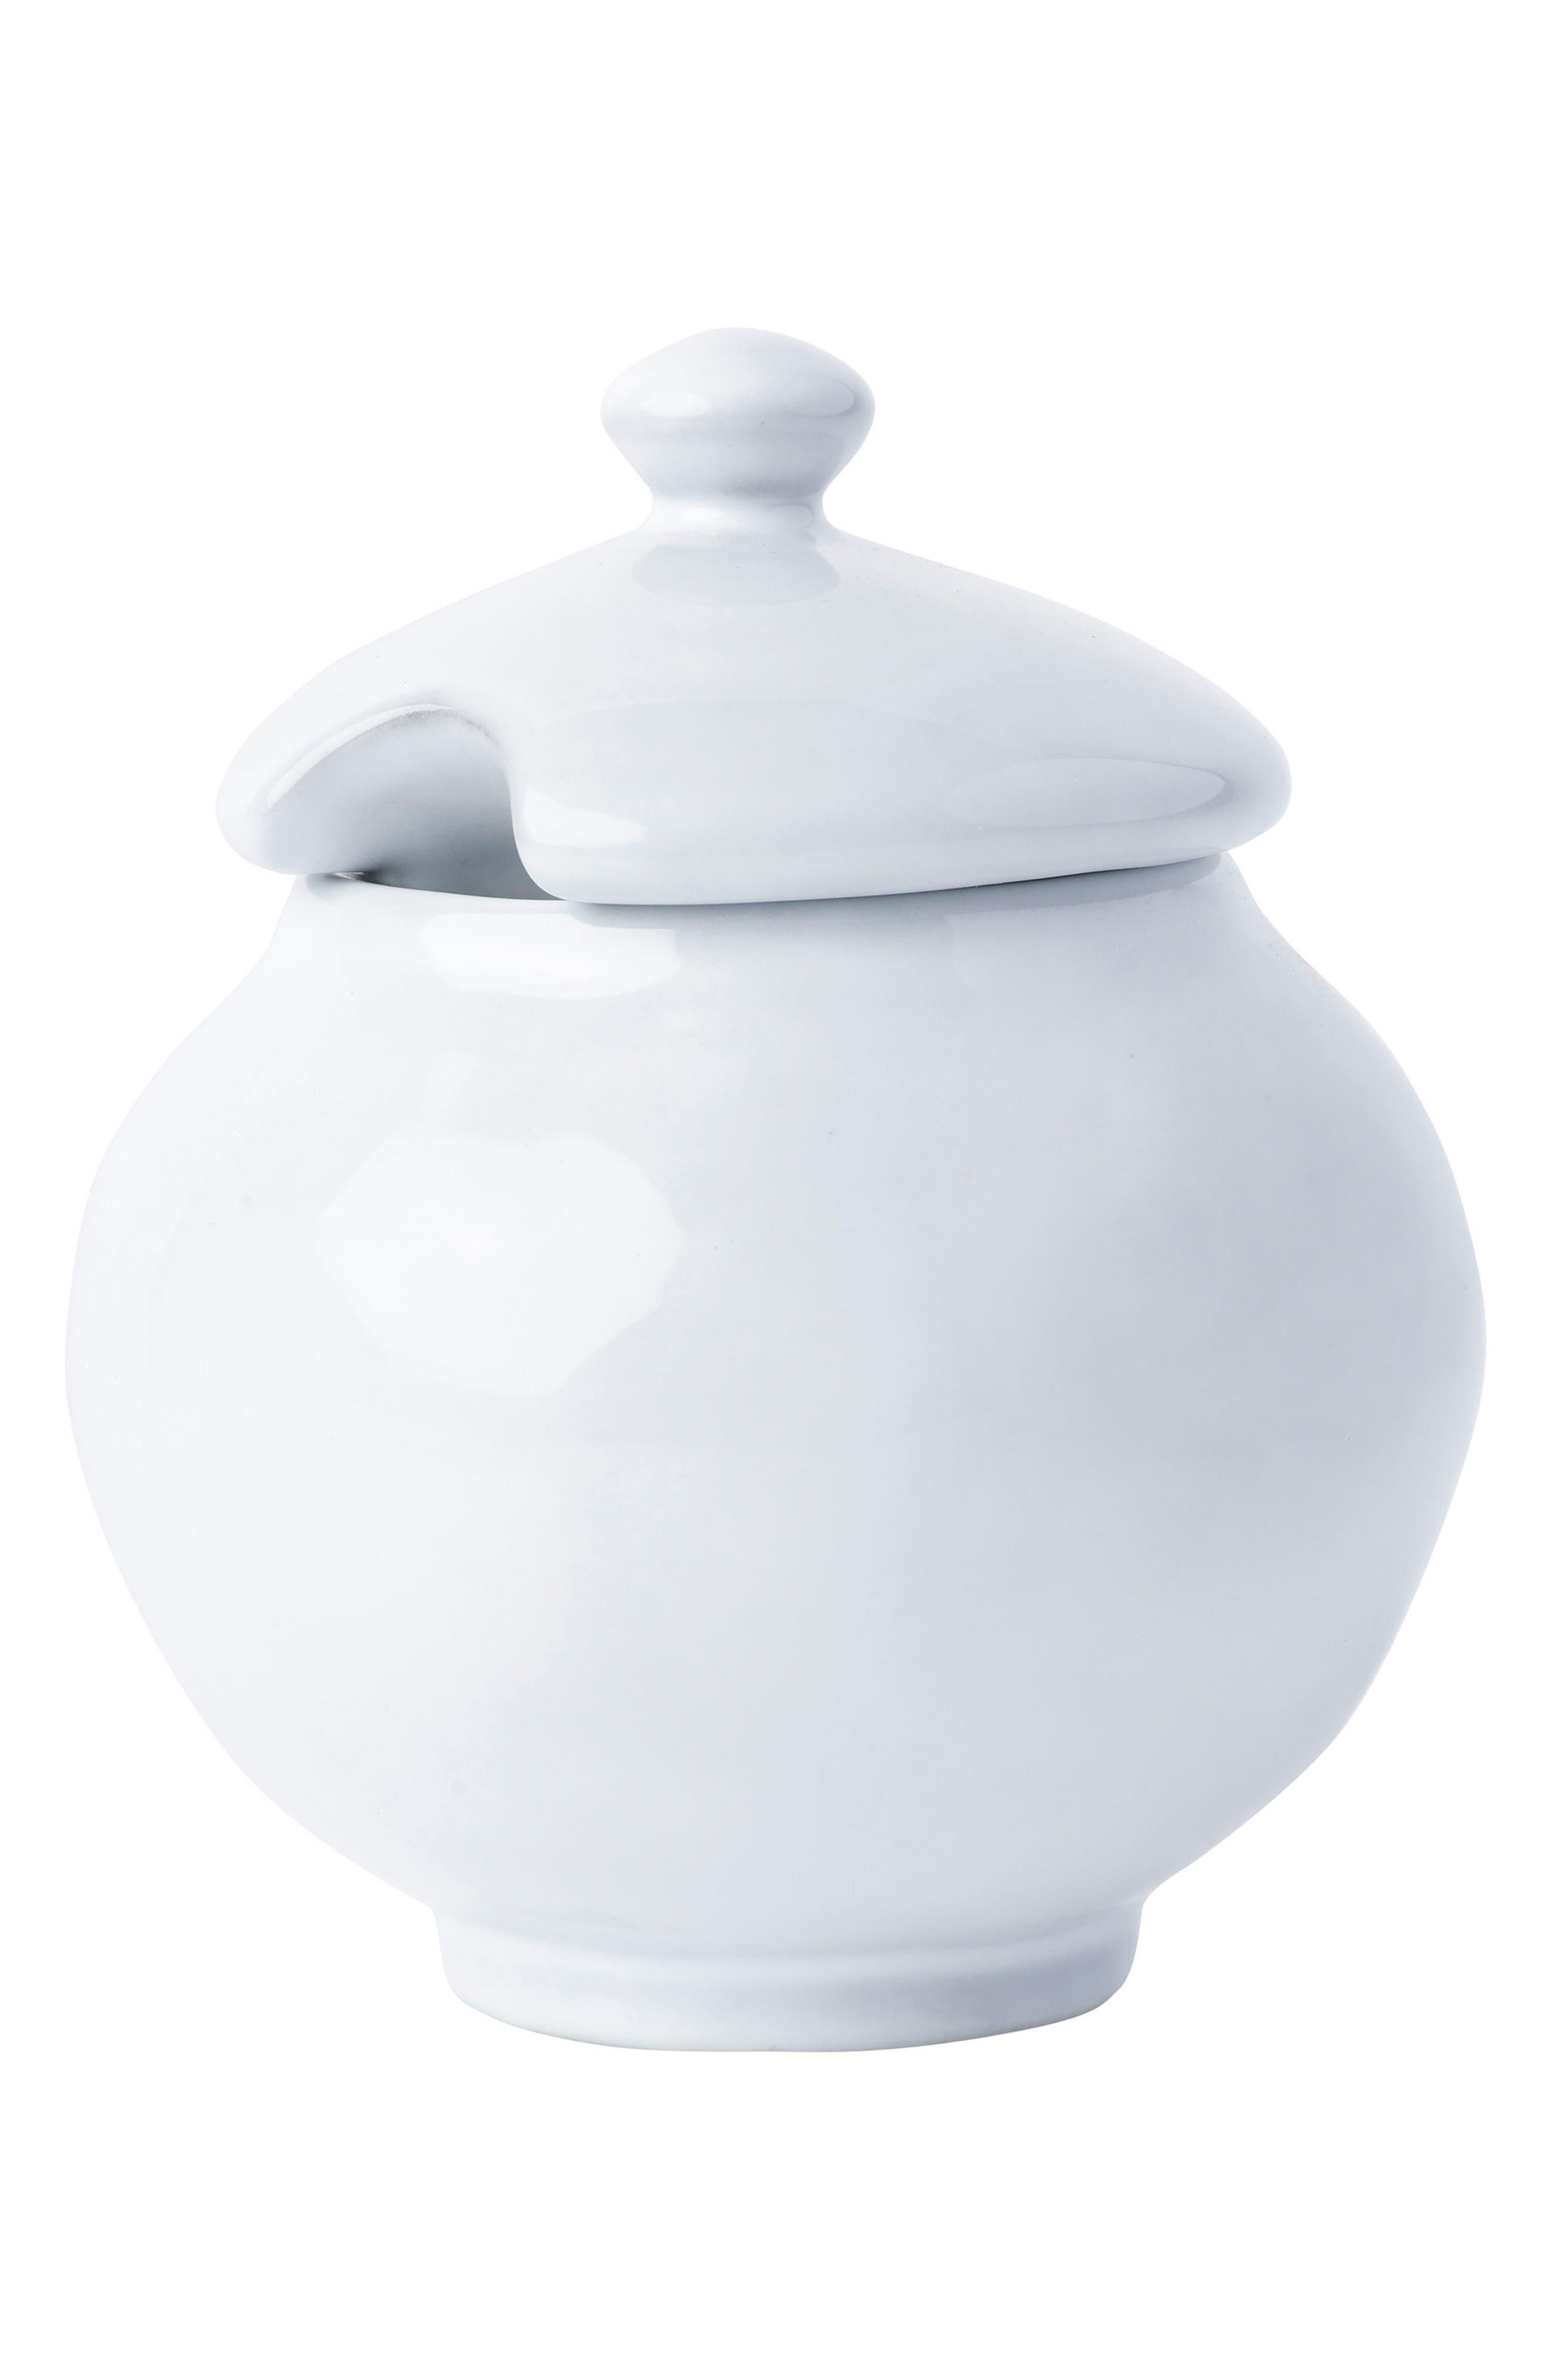 Quotidien White Truffle Ceramic Sugar Bowl,                         Main,                         color, White Truffle